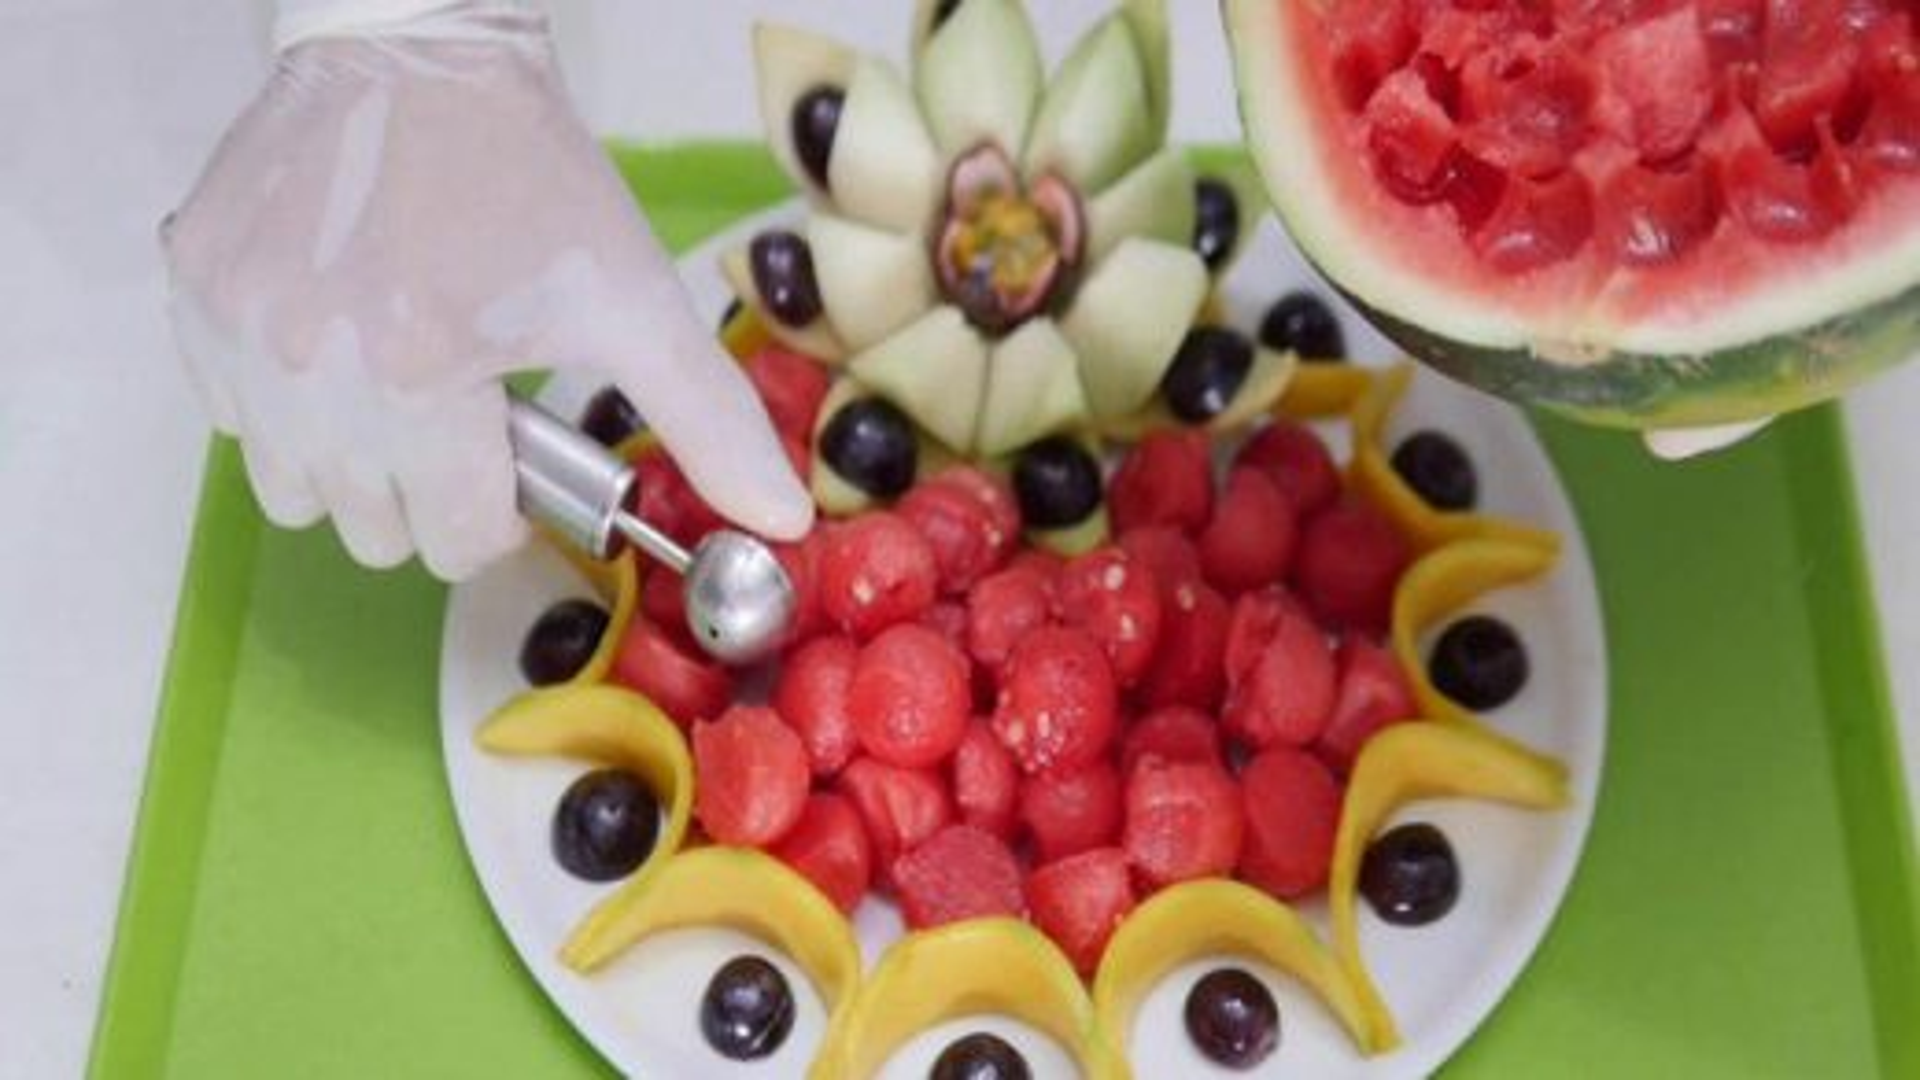 آموزش تزیین و میوه آرایی شب یلدا | فیلم